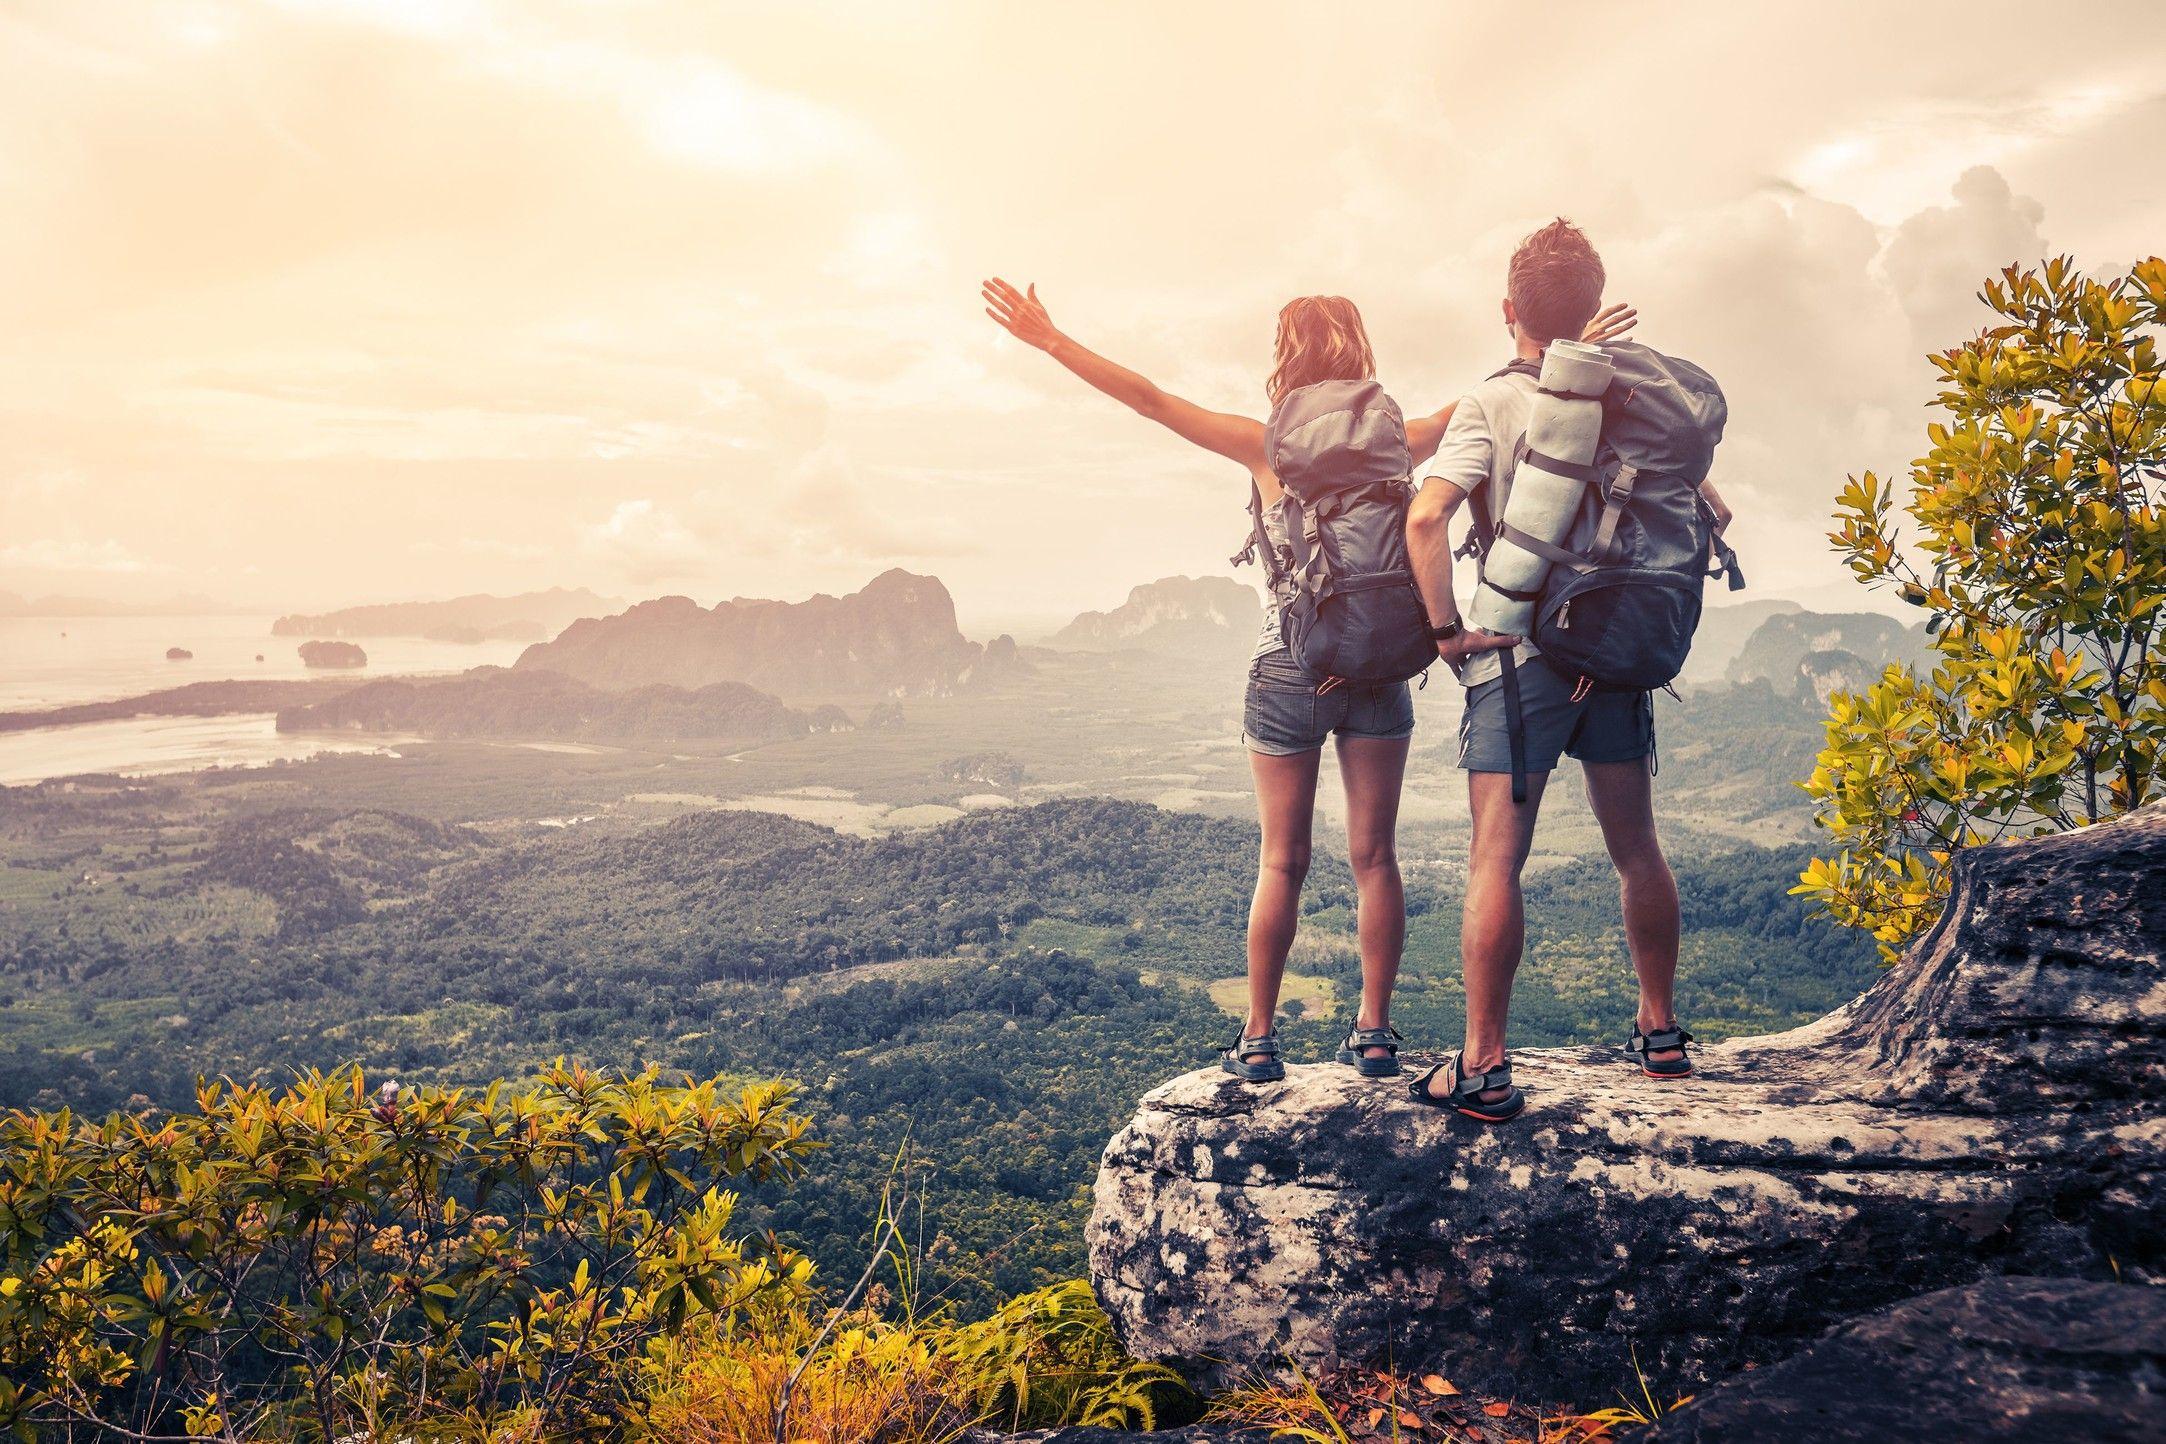 玩咖專欄_重陽節習俗有哪些?五條北部輕鬆好走登山步道一次看!